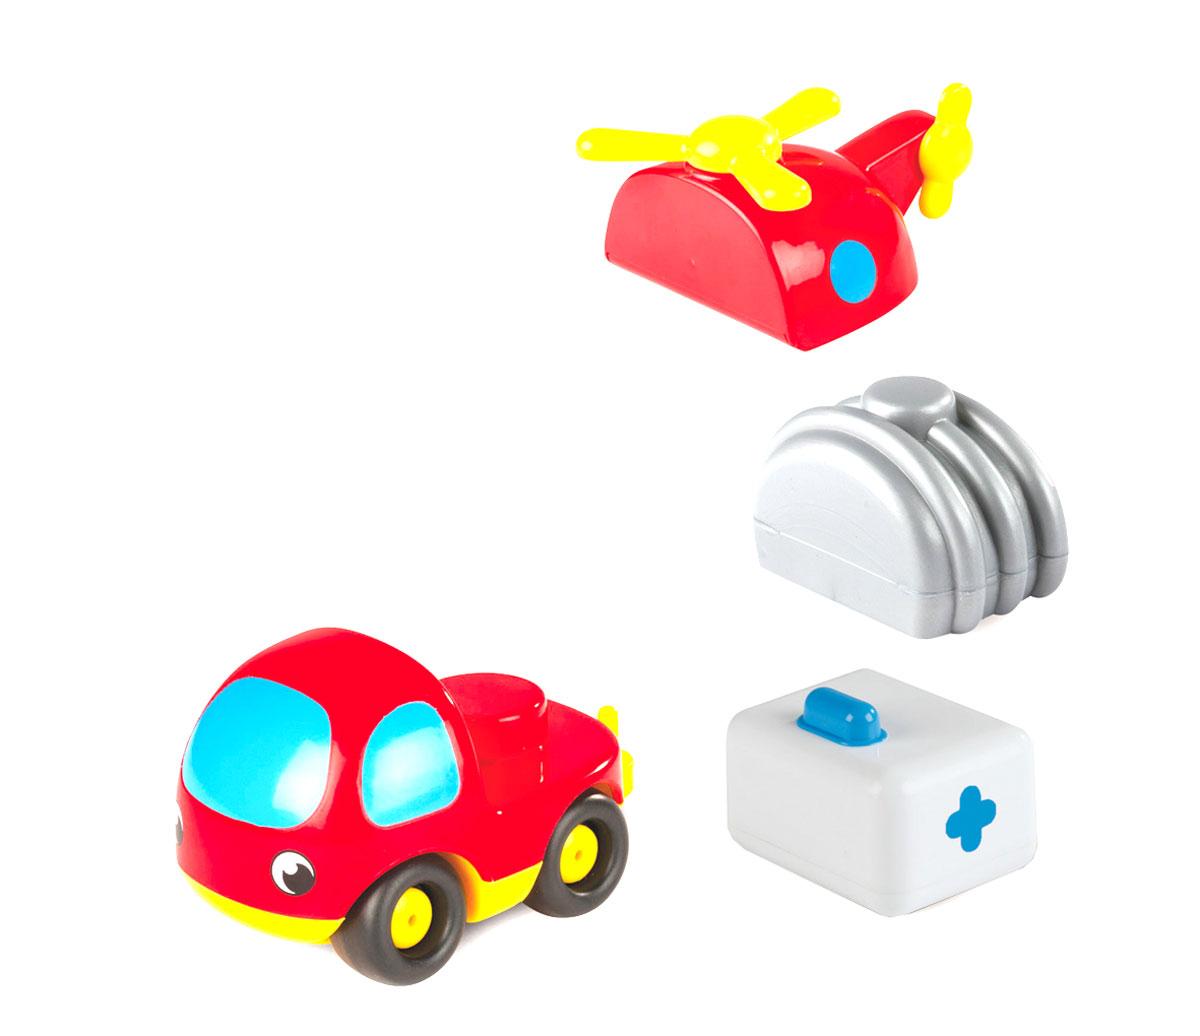 Smoby Машинка конструктор Vroom Planet211195Машинка-конструктор Smoby Vroom Planet непременно привлечет внимание малыша. Игрушка выполнена из абсолютно безопасного для малыша высококачественного пластика. На колесную базу автомобильчика может быть установлена цистерна, медицинский фургон, либо фюзеляж вертолета. Таким образом, меняя съемные детали, ребенок сможет играть поочередно бензовозом, каретой скорой помощи, или вертолетом. Колеса машинки крутятся, поэтому она легко катается по ровной поверхности. Игра с машинкой помогает развивать мелкую моторику, цветовое восприятие, координацию движений, а также являются хорошим средством для развлечения ребенка. Порадуйте своего малыша таким замечательным подарком.